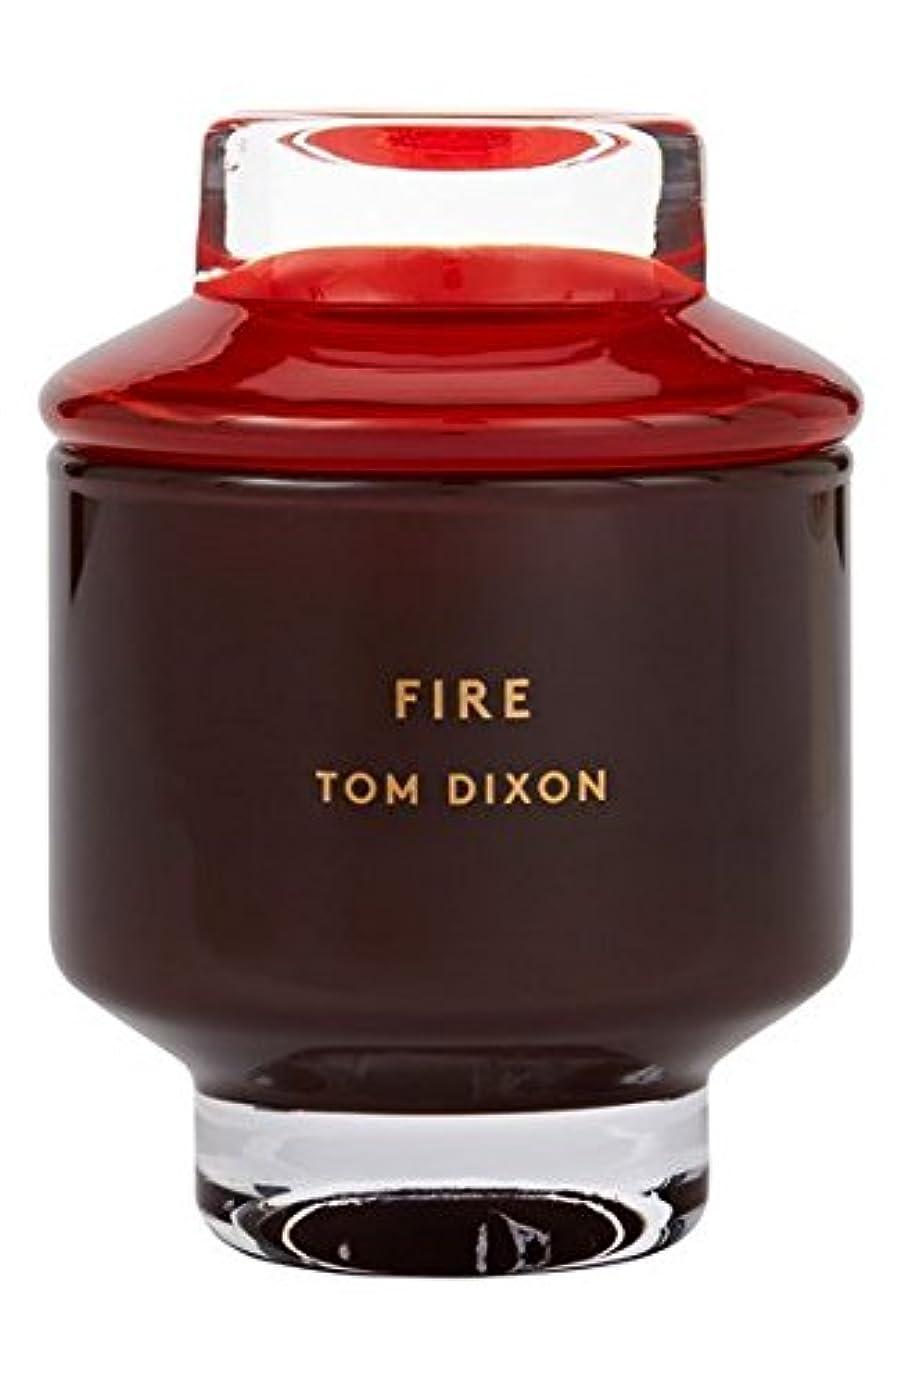 ペネロペ一生両方Tom Dixon 'Fire' Candle (トム ディクソン 'ファイヤー' キャンドル小) Small